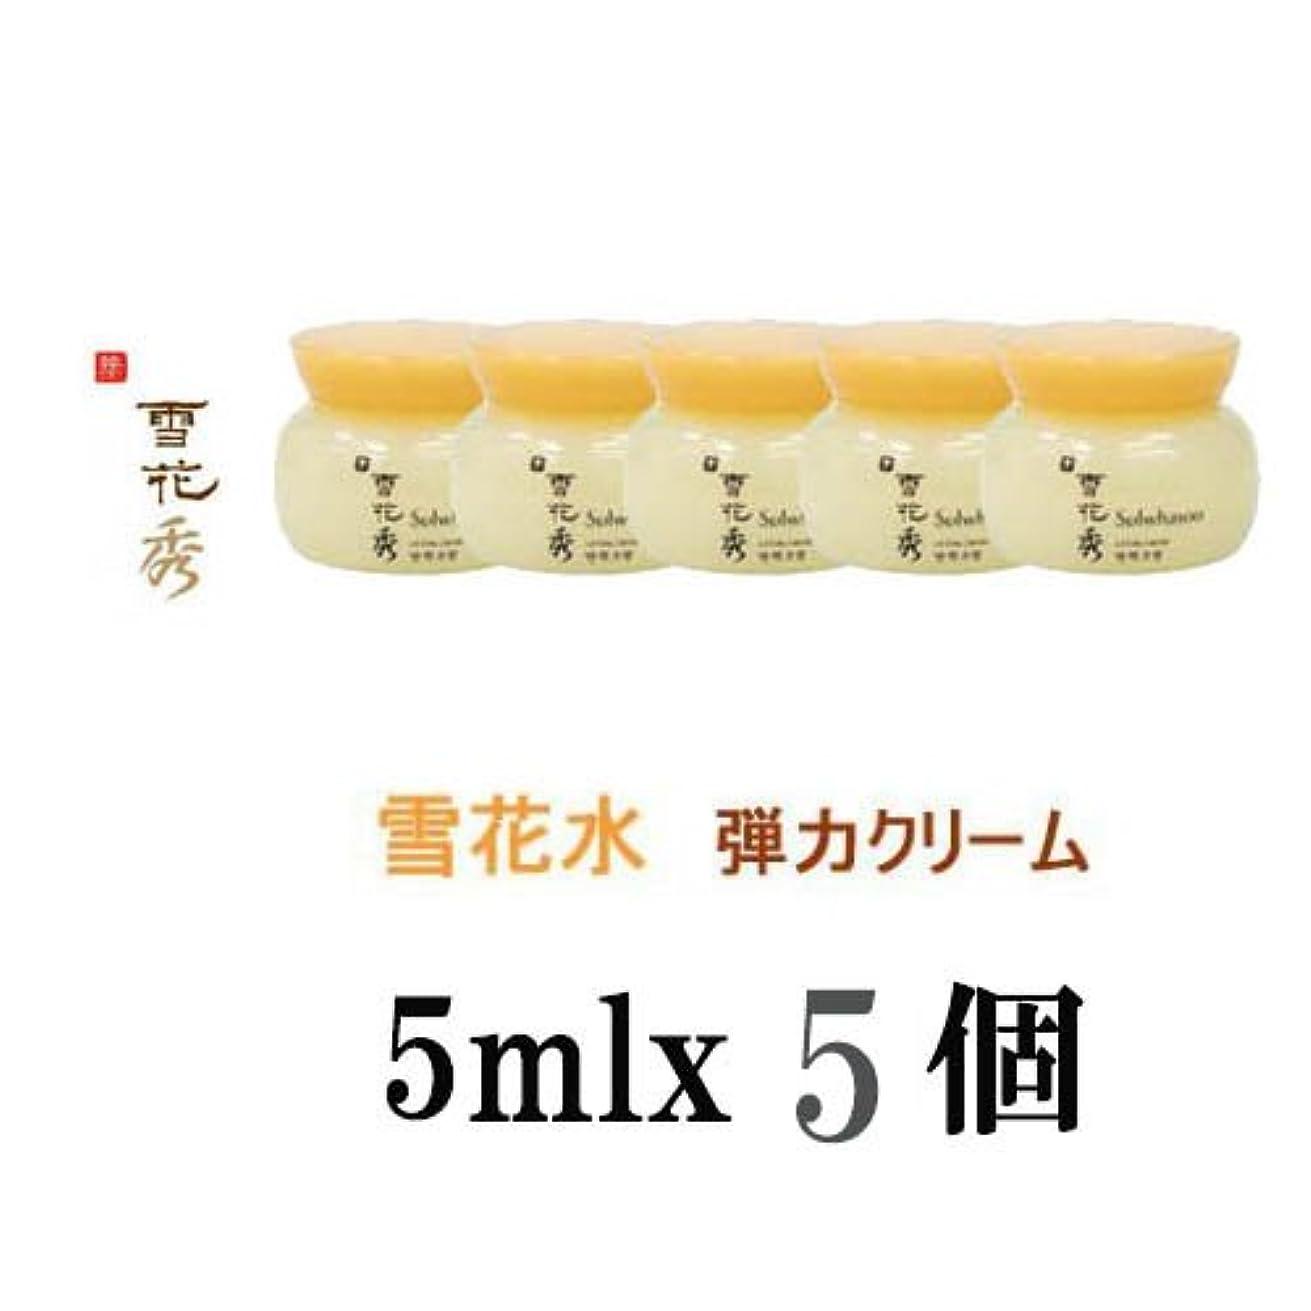 変換するスキッパー責雪花秀/ソルファス 弾力クリーム潤い/乾燥肌/漢方コスメ//5mlx5個